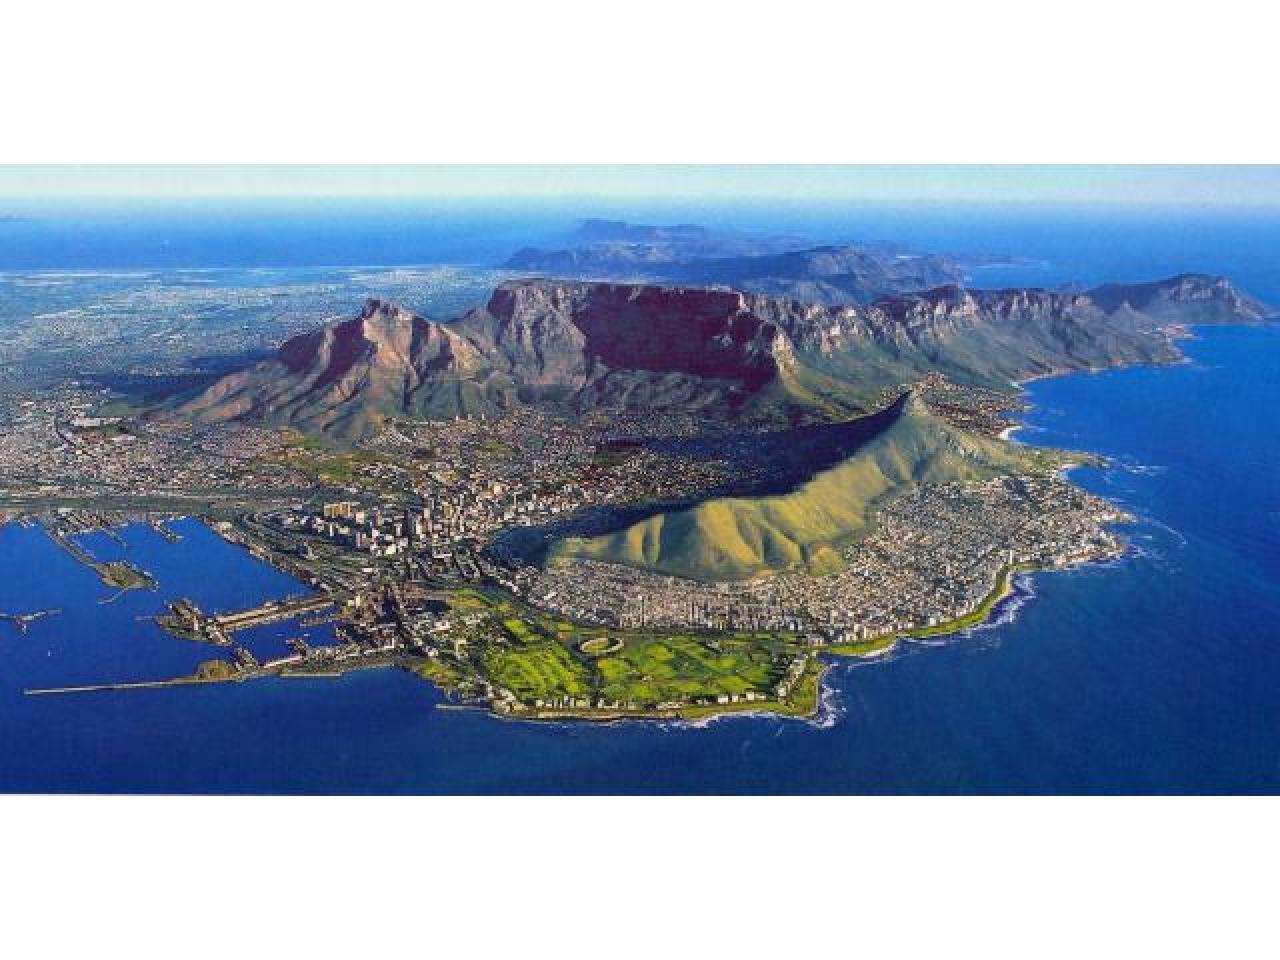 Путешествие в Африку.Туры в ЮАР. - 5